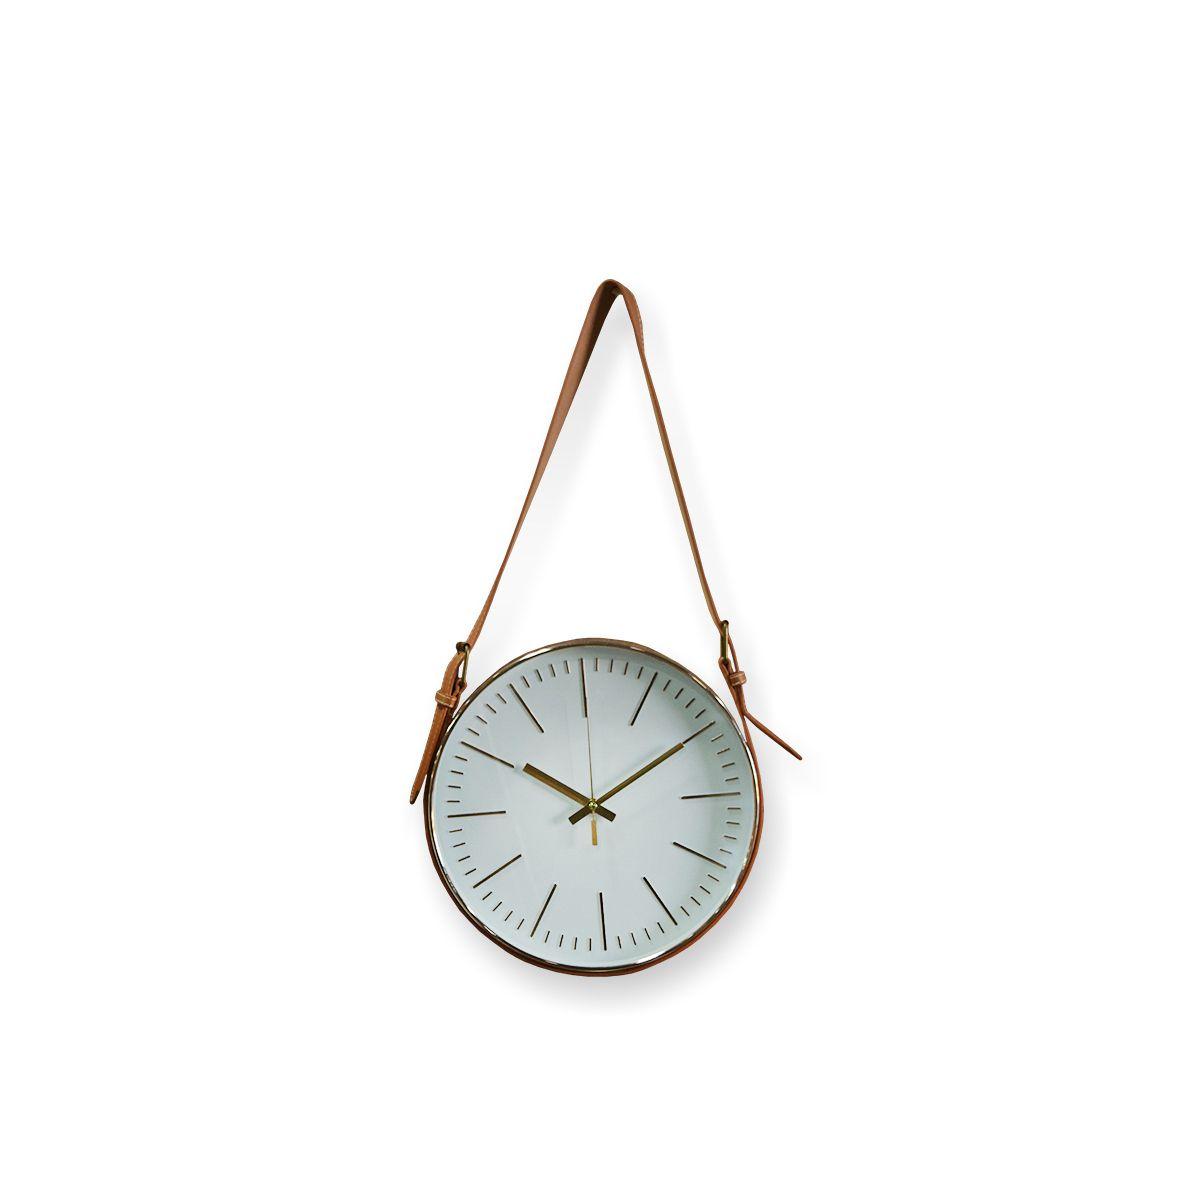 Relógio De Parede Branco Com Alça Sintetica Marrom